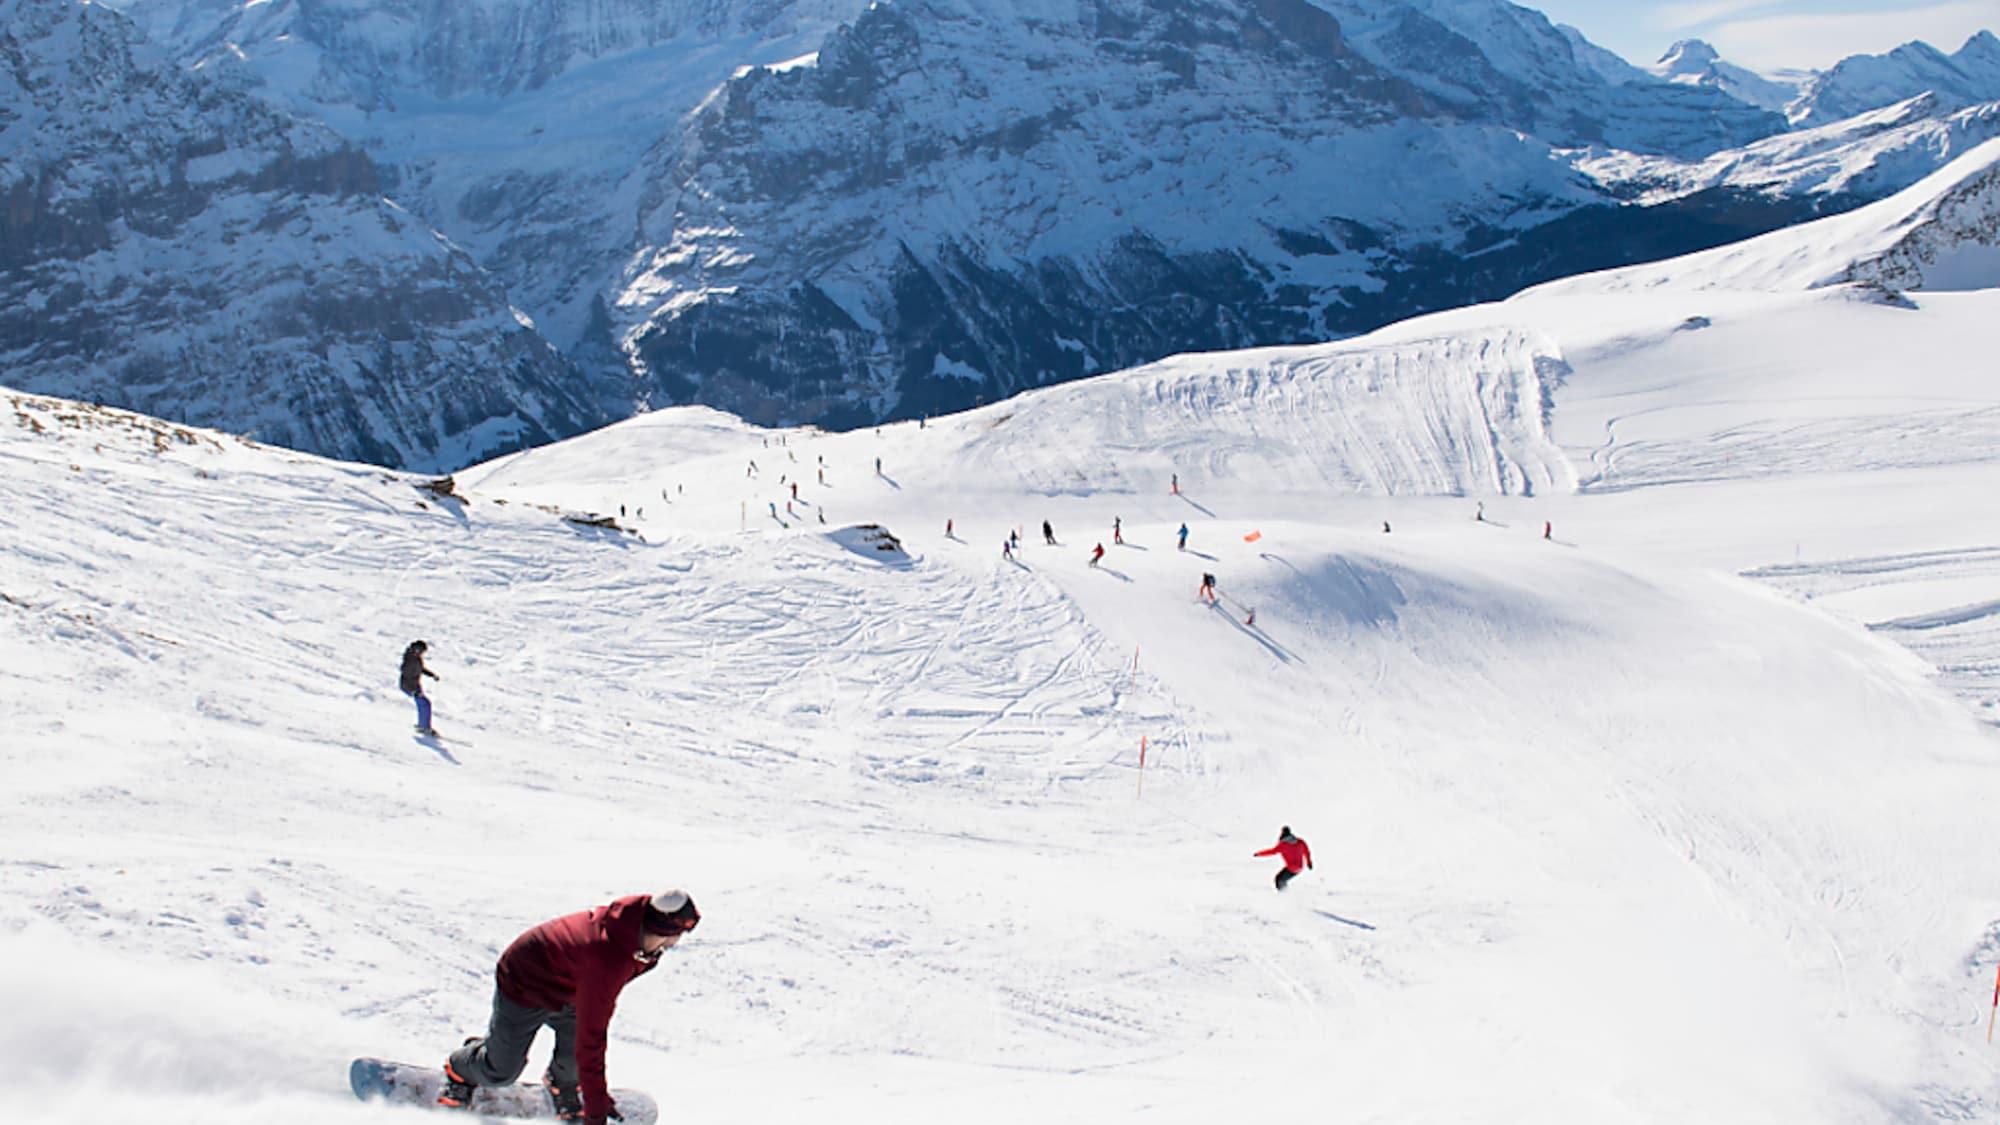 Wintersport: Jungfraubahnen planen Limitierung der Anzahl Skifahrer